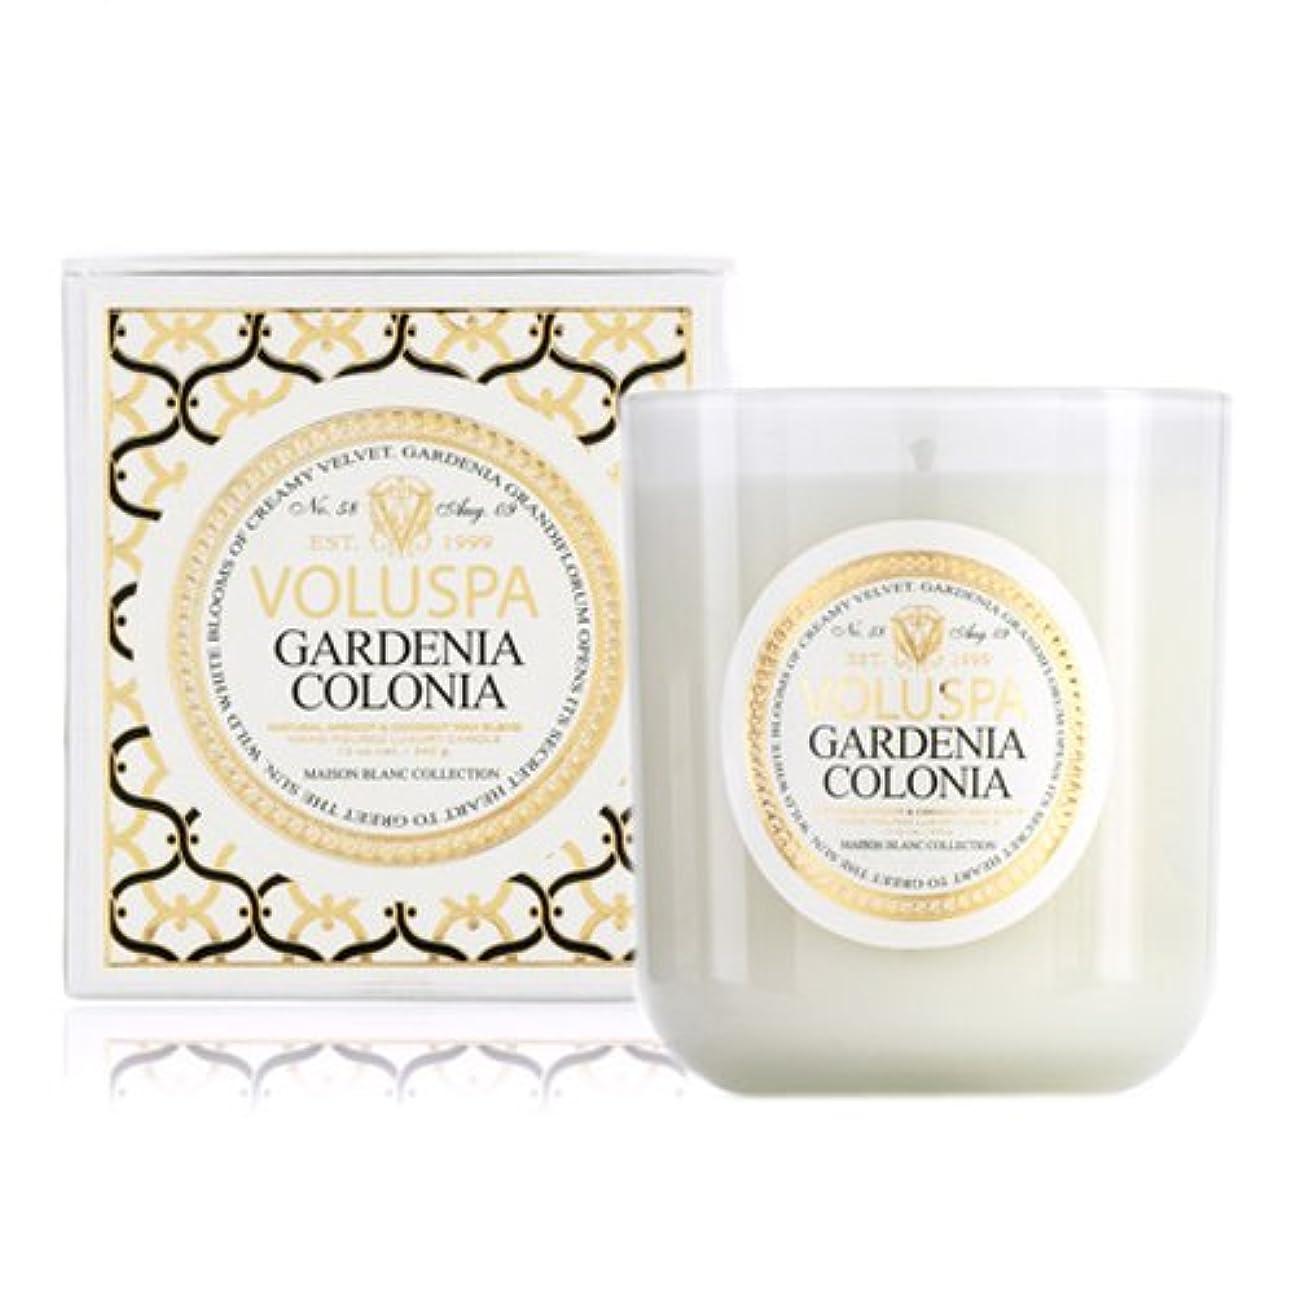 Voluspa ボルスパ メゾンブラン ボックス入りグラスキャンドル ガーデニアコロニア MAISON BLANC Box Glass Candle GARDENIA COLONIA